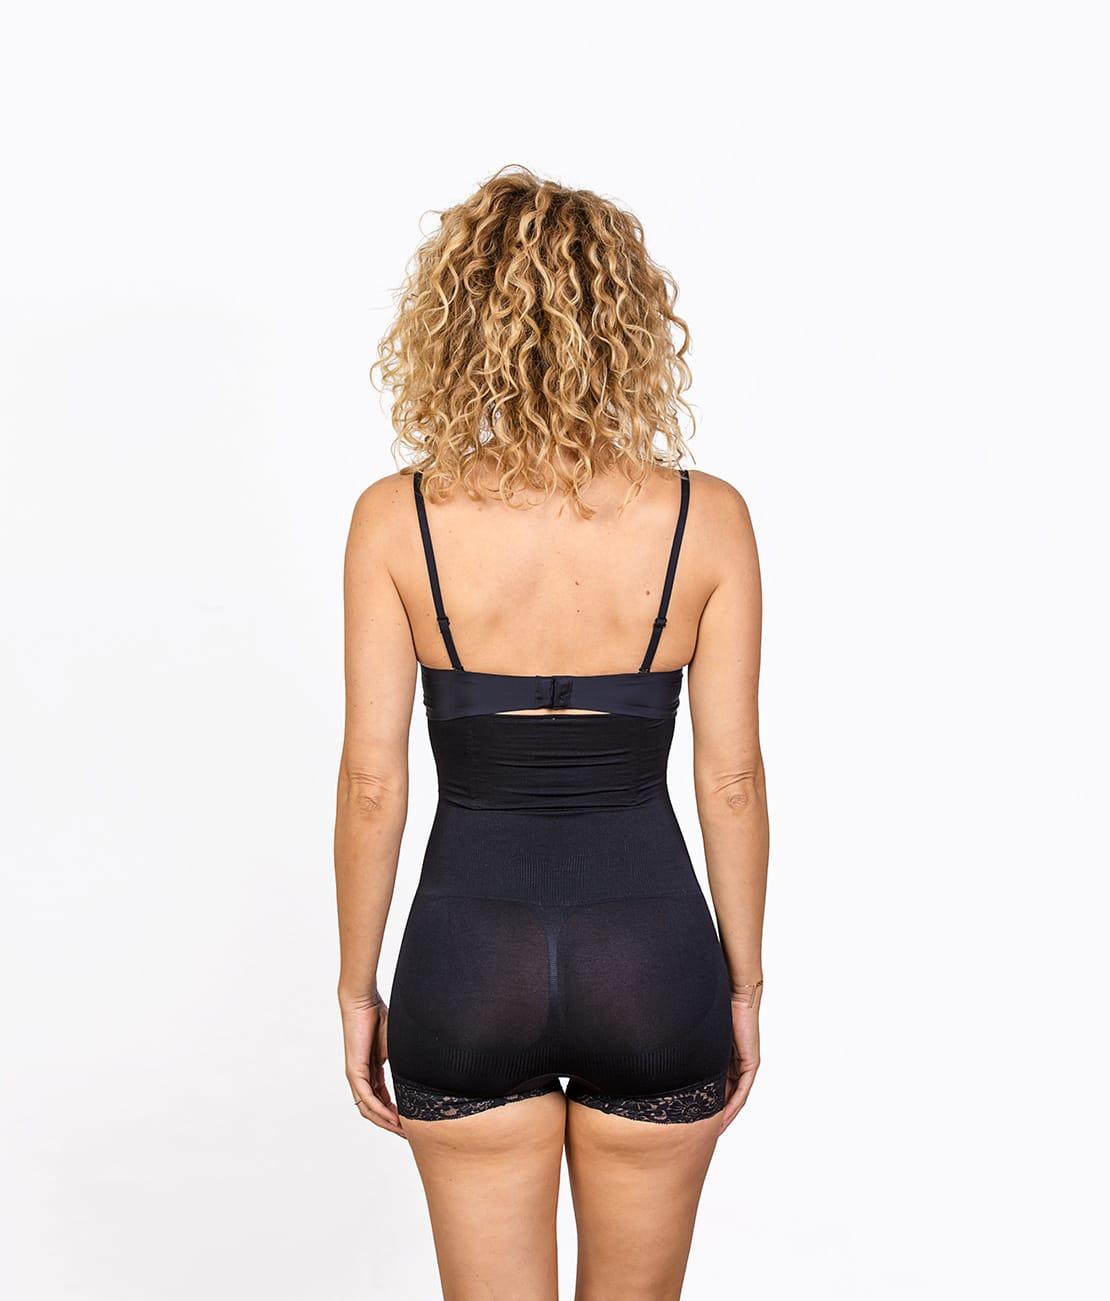 Panty Taille Haute Noir Dos